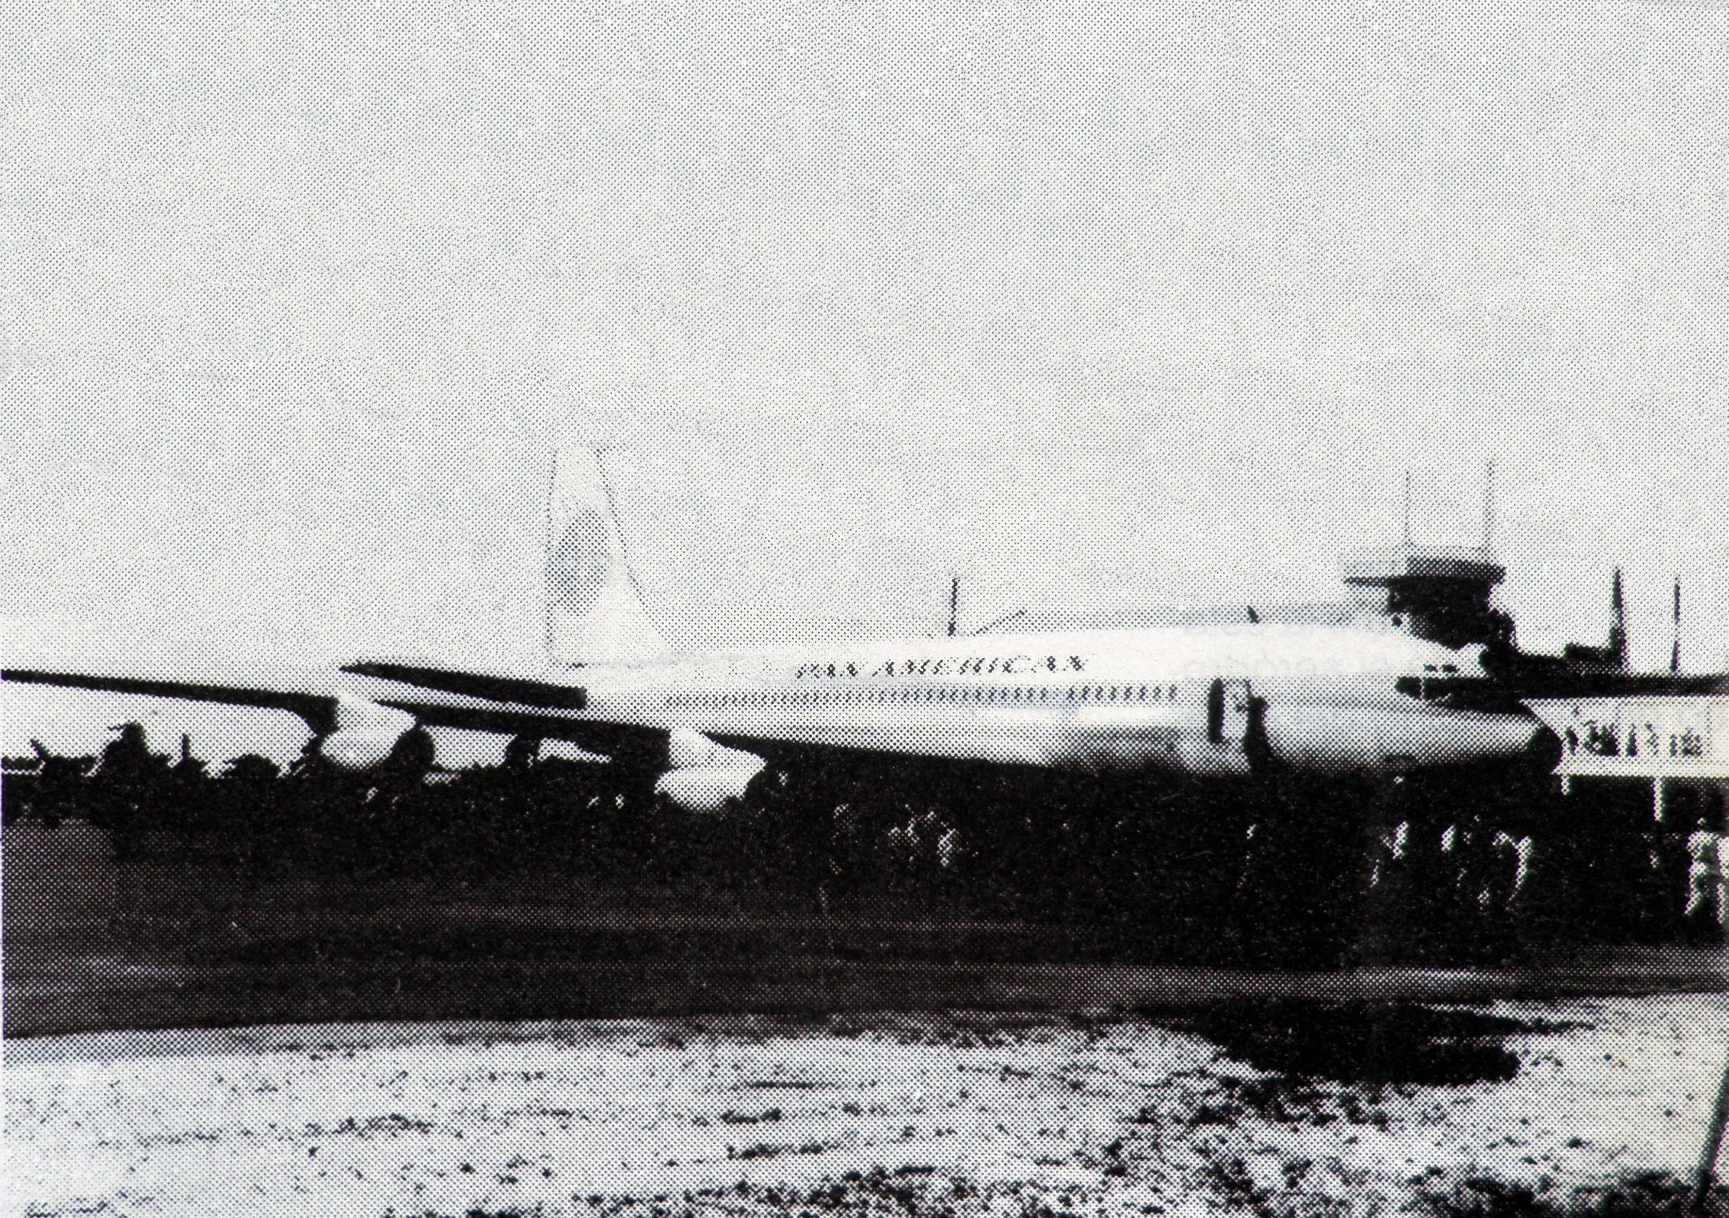 707 en ASU